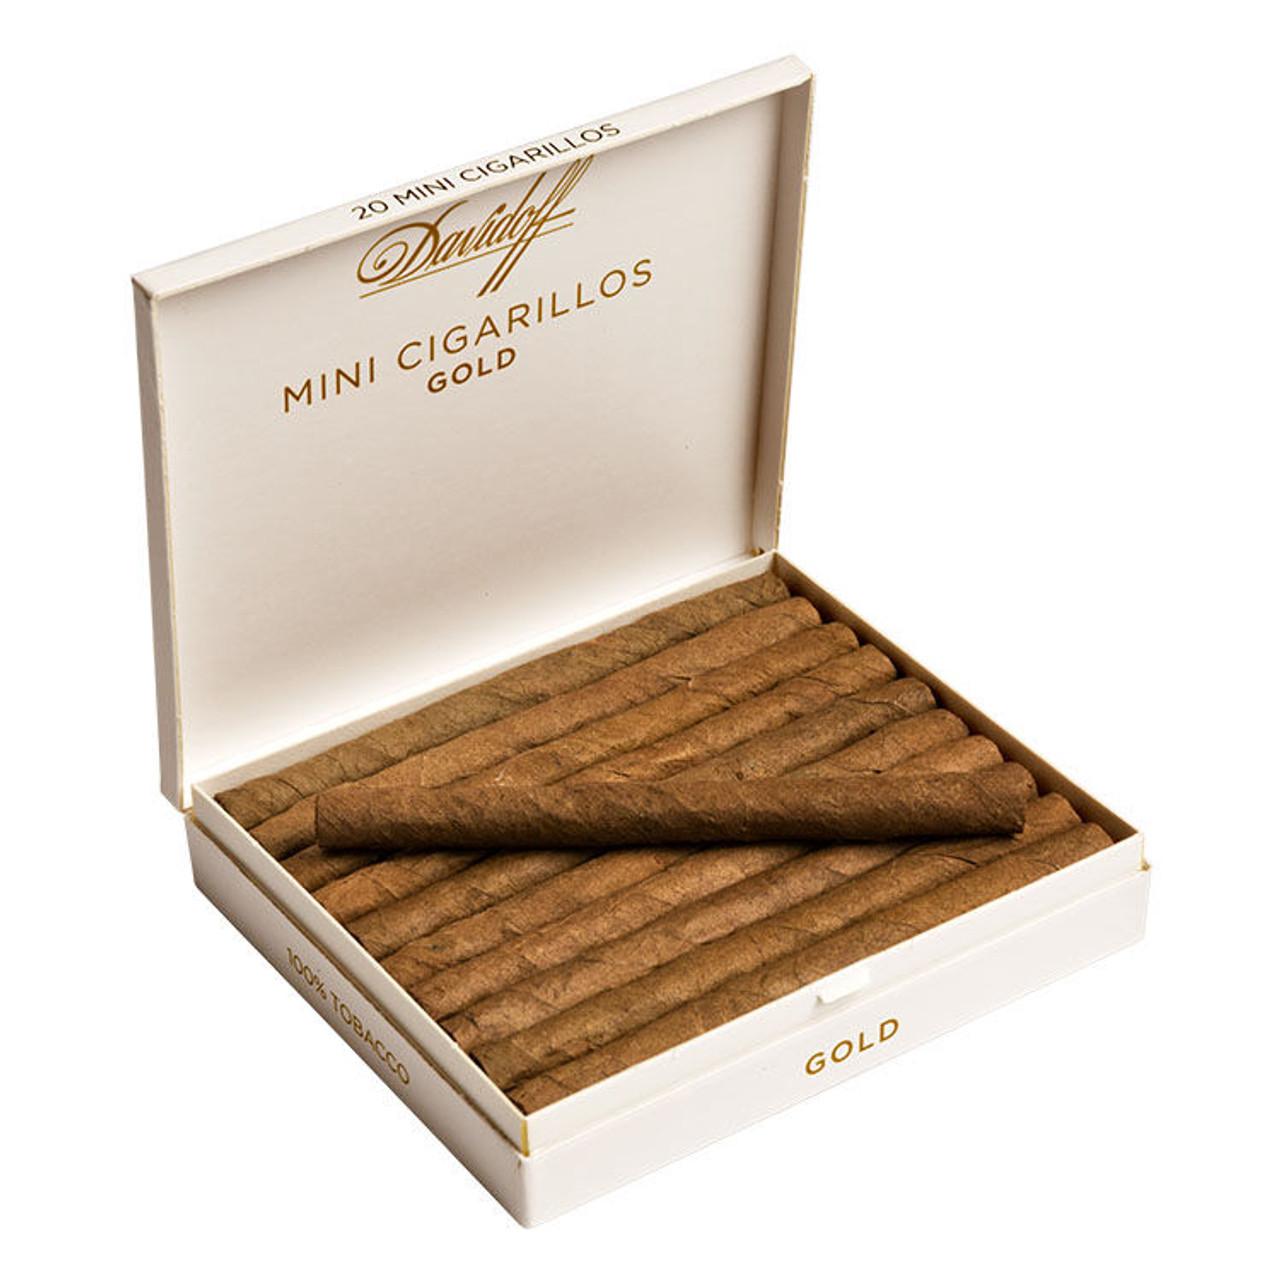 Davidoff Cigarillos and Small Cigars - Mini Cigarillos Gold - 3.43 x 22 (5 packs of 20 (100 total))